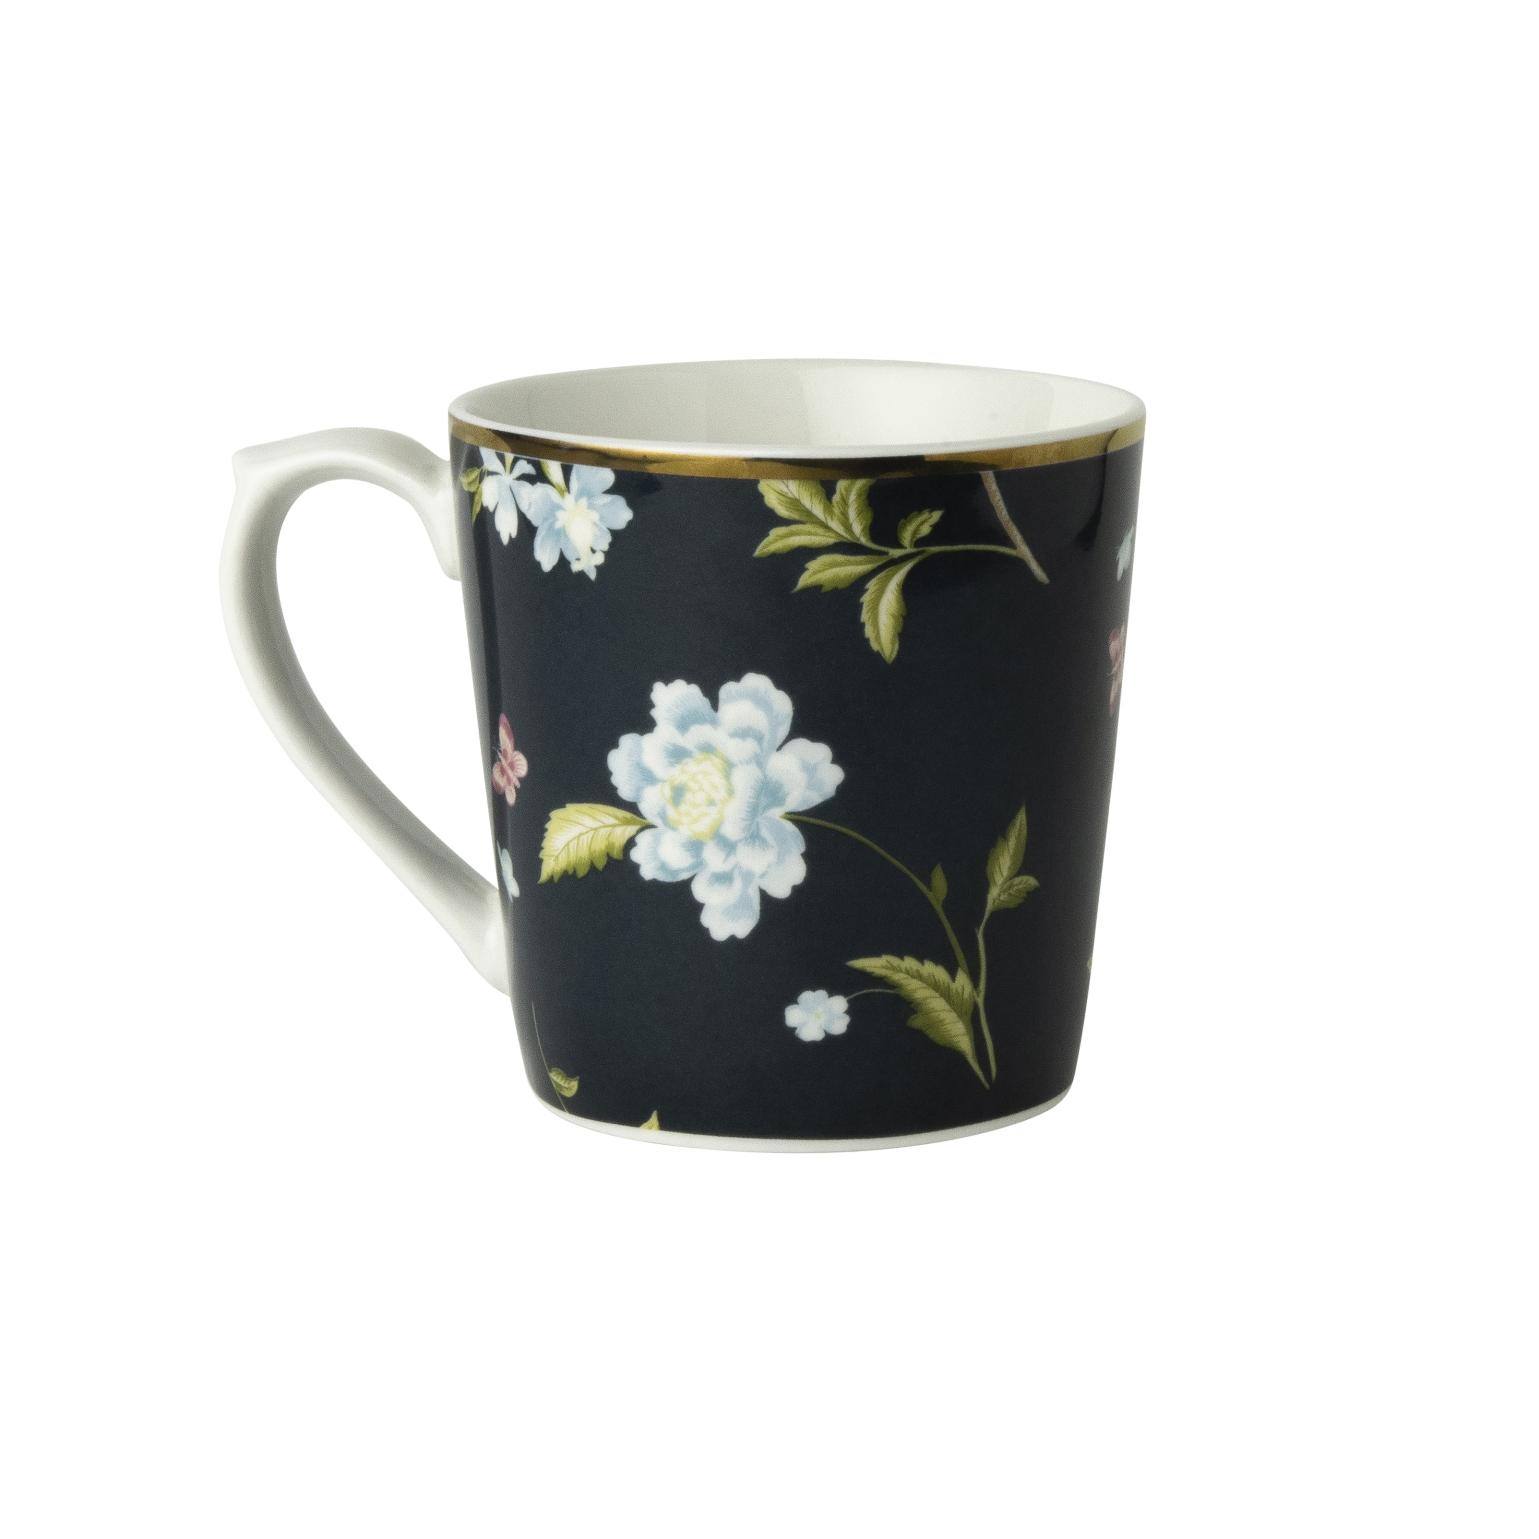 """Онлайн каталог PROMENU: Кружка """"Цветы"""" Laura Ashley HERITAGE, объем 0,35 л, темно-синий с цветами                                   180420"""